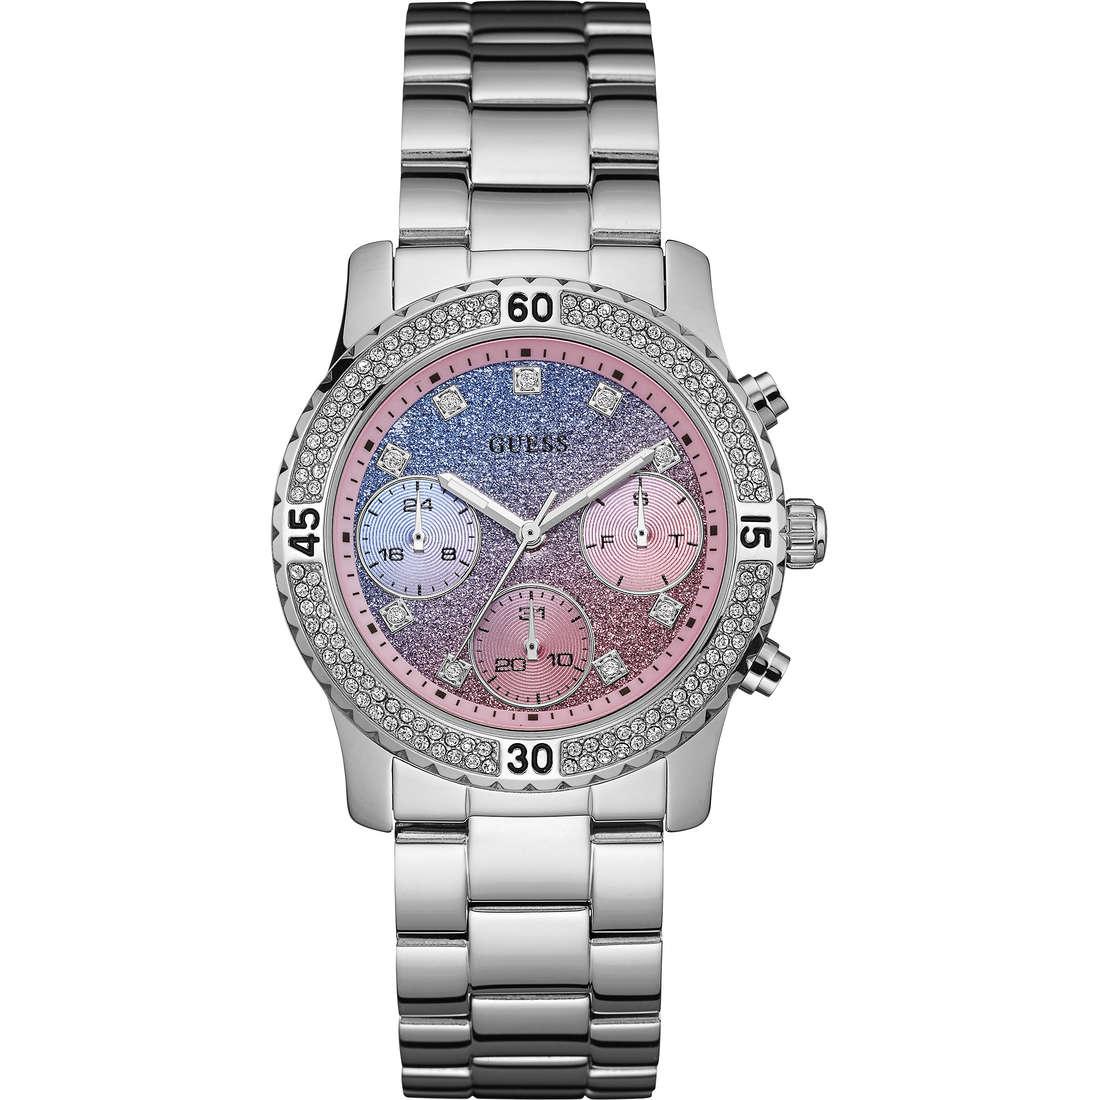 Orologio Multifunzione W0774L1 Di Guess Con Quadrante Glitterato Della Collezione Confetti W0774L1